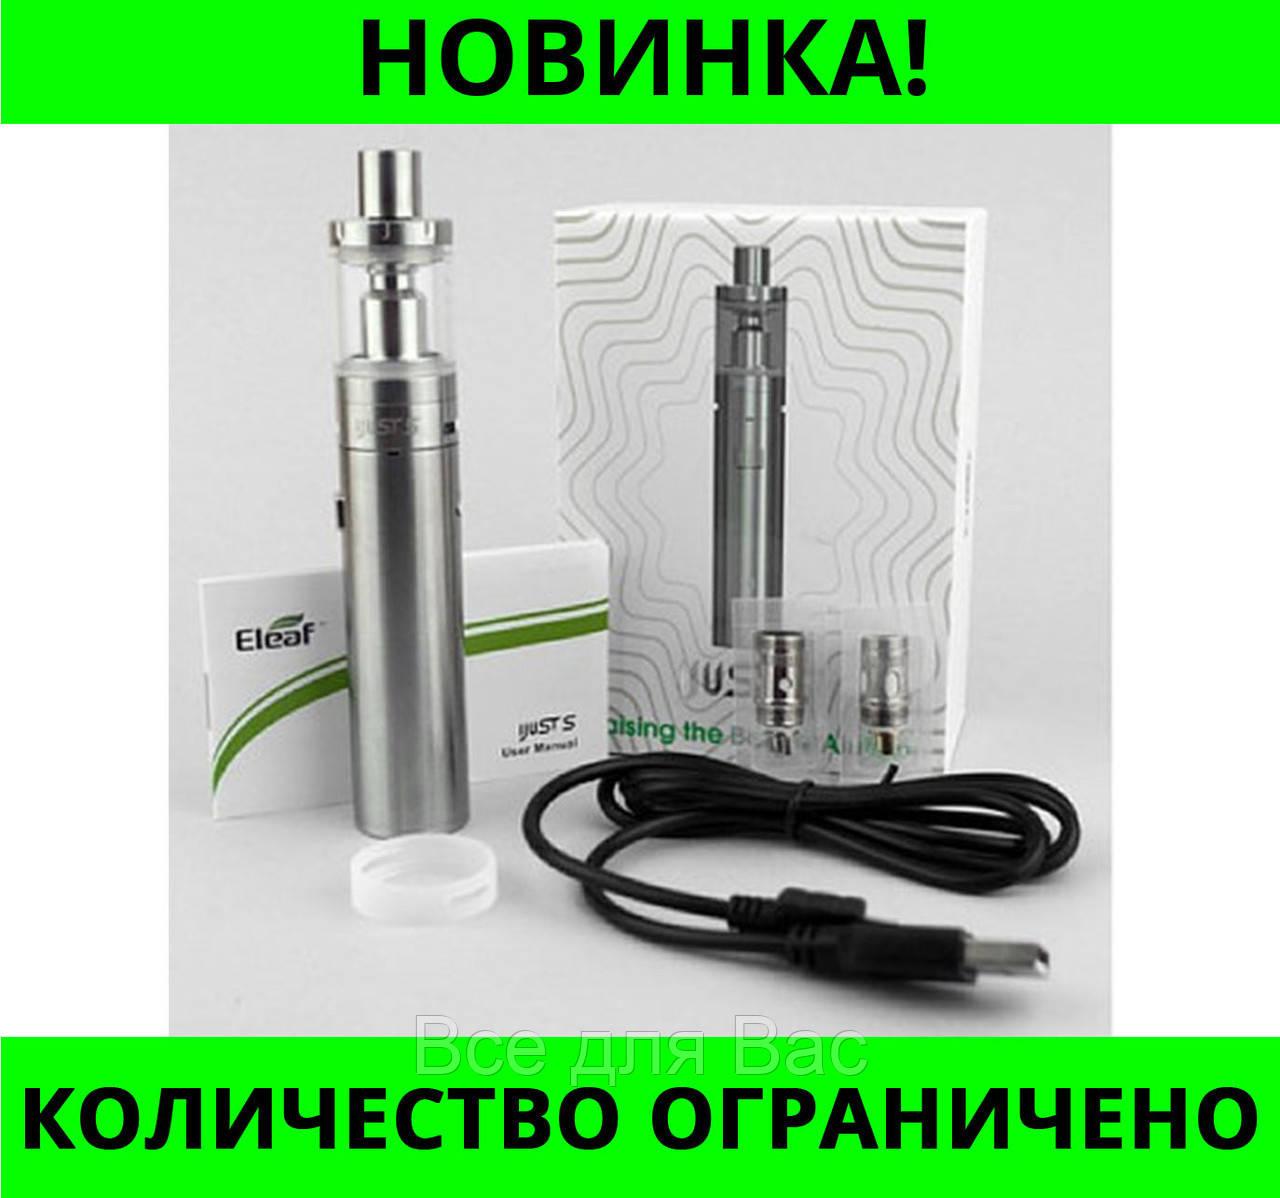 Электронная сигарета iJUST S!Розница и Опт